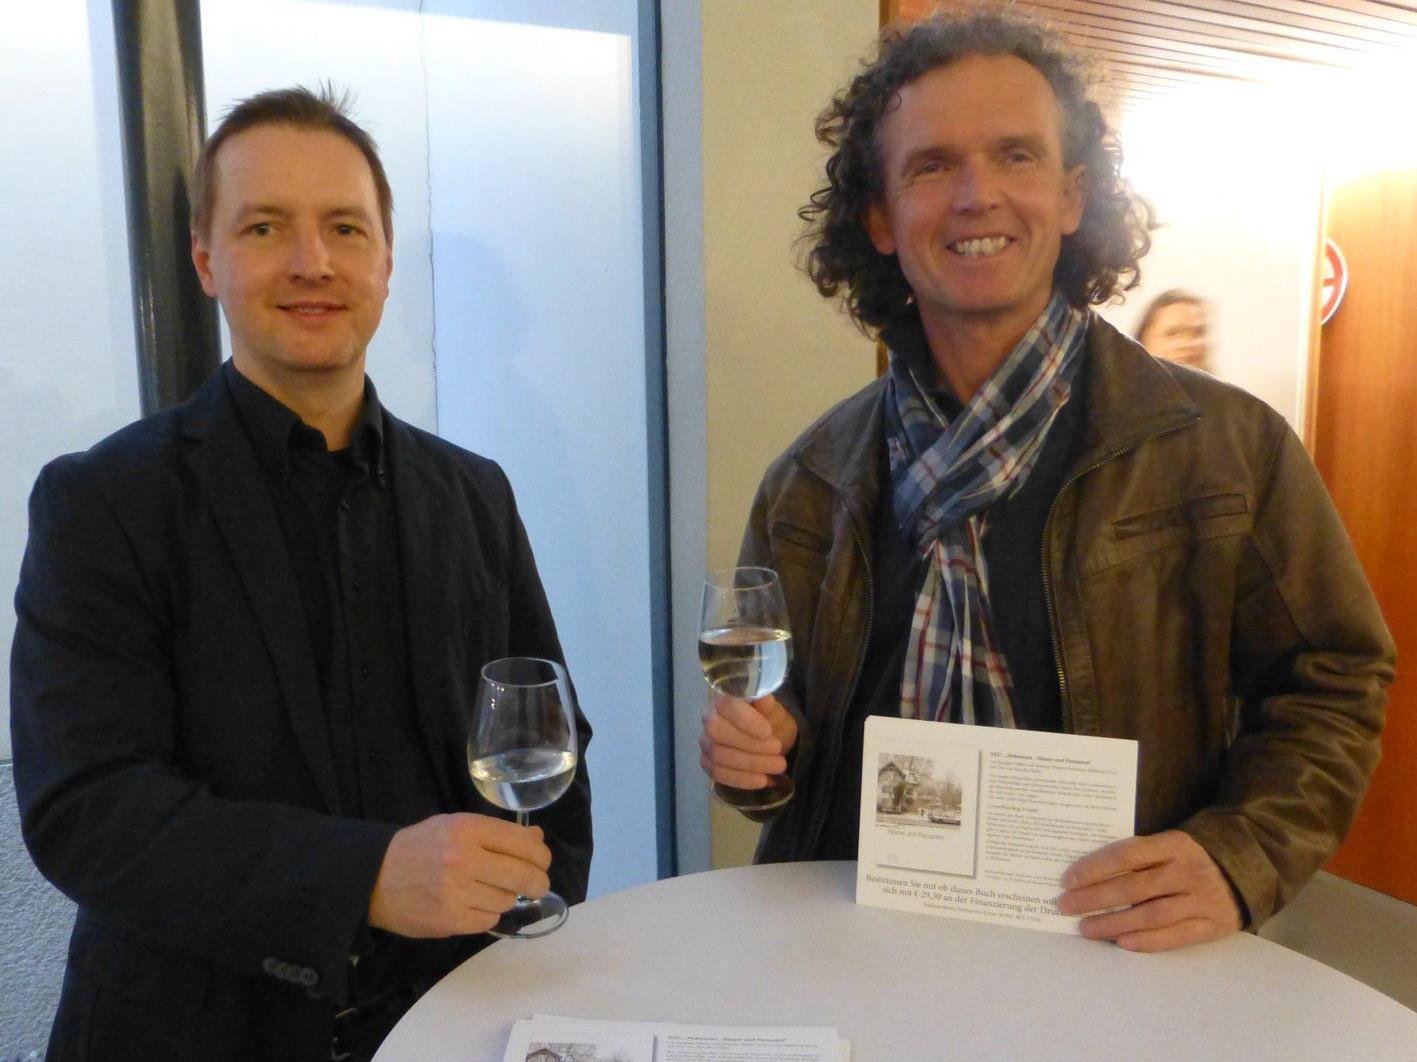 Burghart Häfele und Dietmar Walser (r.) wollen ihr Buchprojekt per Crowdfunding finanzieren.